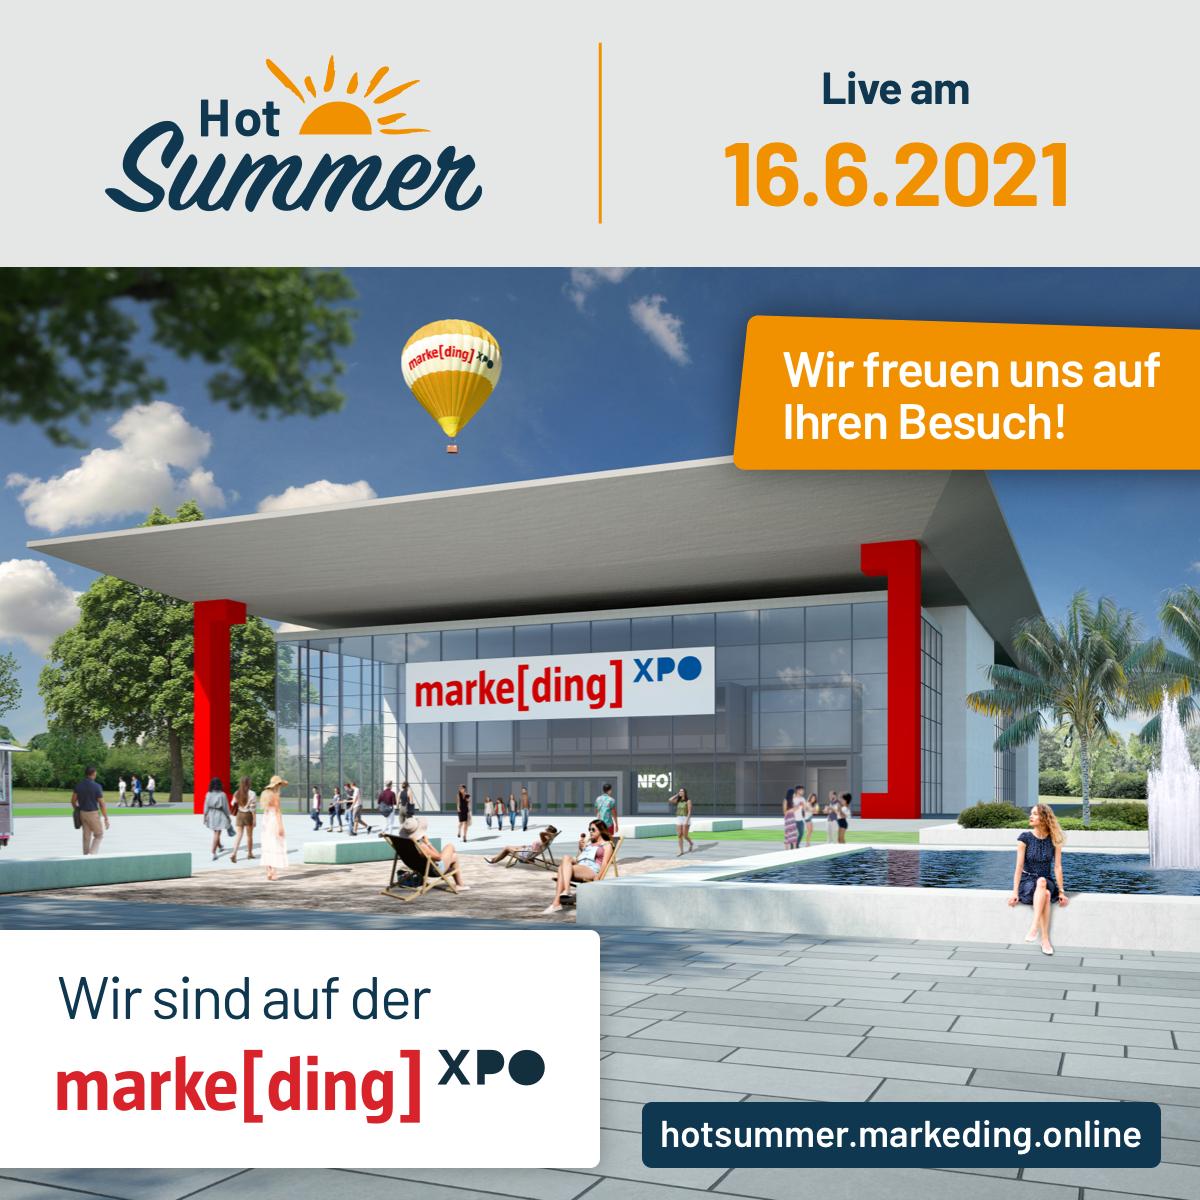 HOT SUMMER B2B Messe